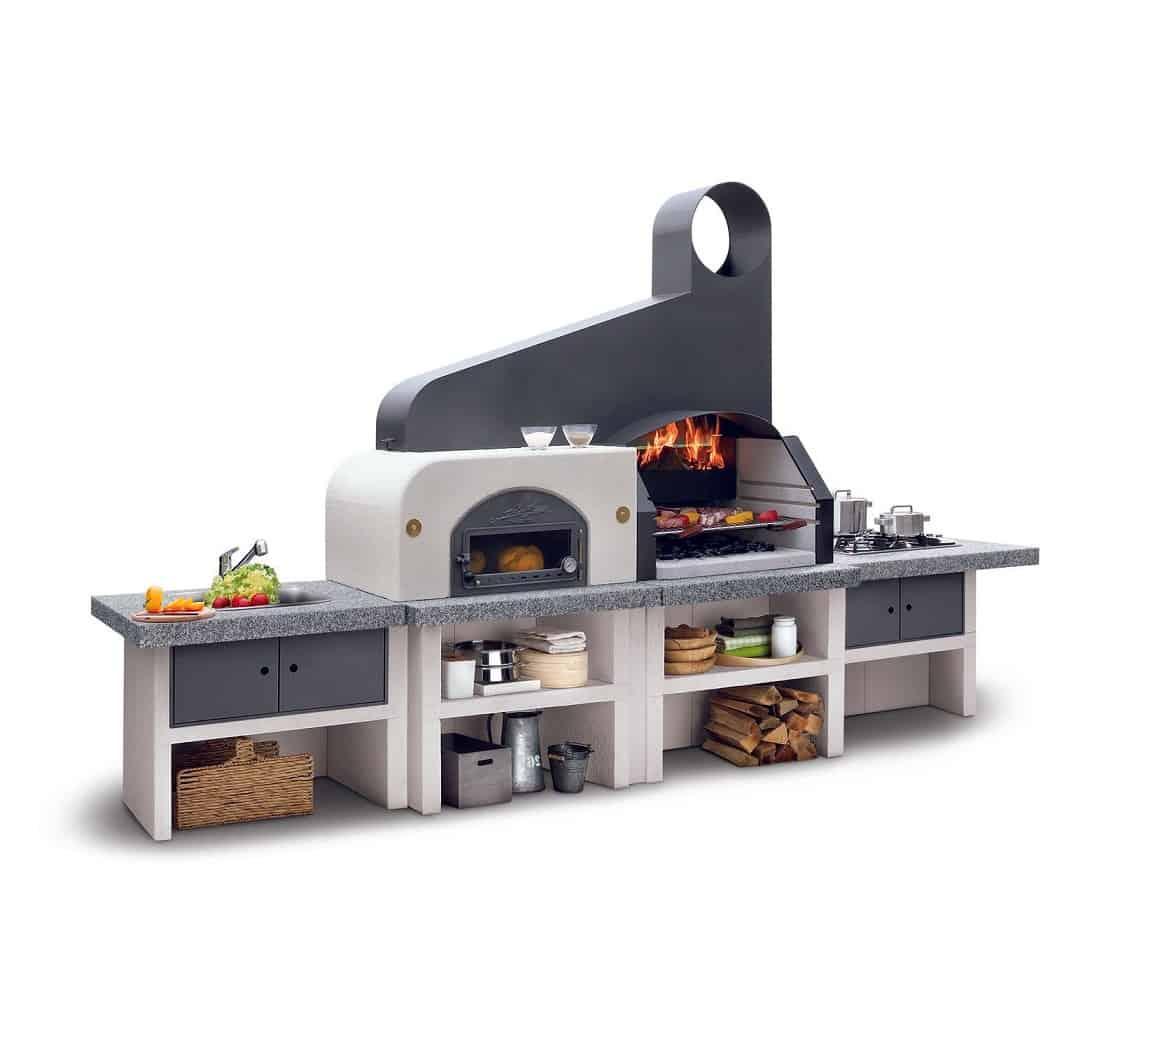 barbecue-a-legna-palazzetti-maxime-2-_1